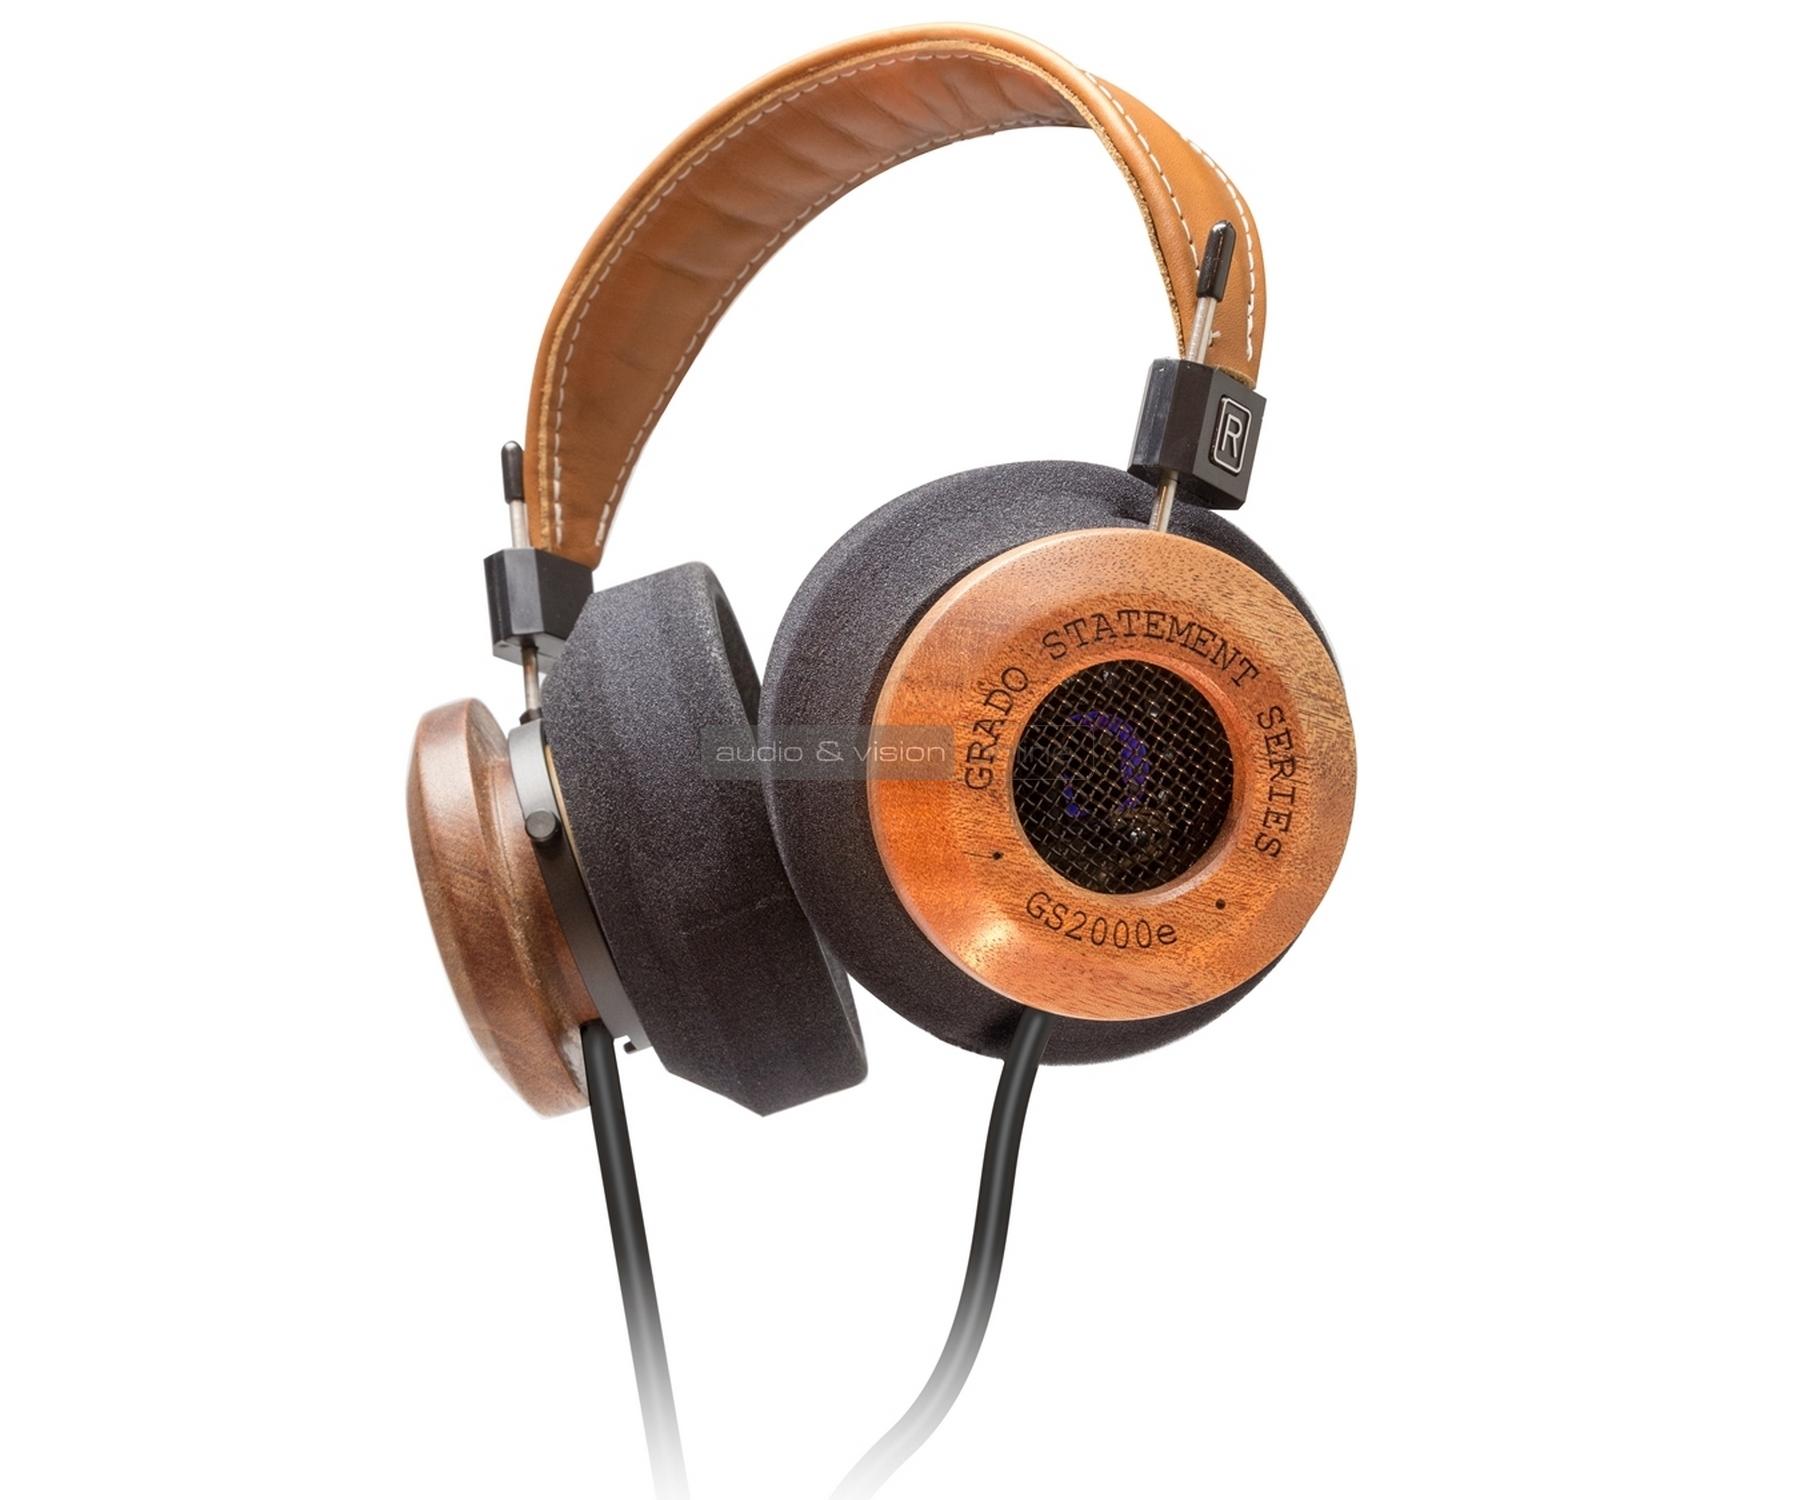 Grado GS2000e high end fejhallgató teszt  f7cff8c44c